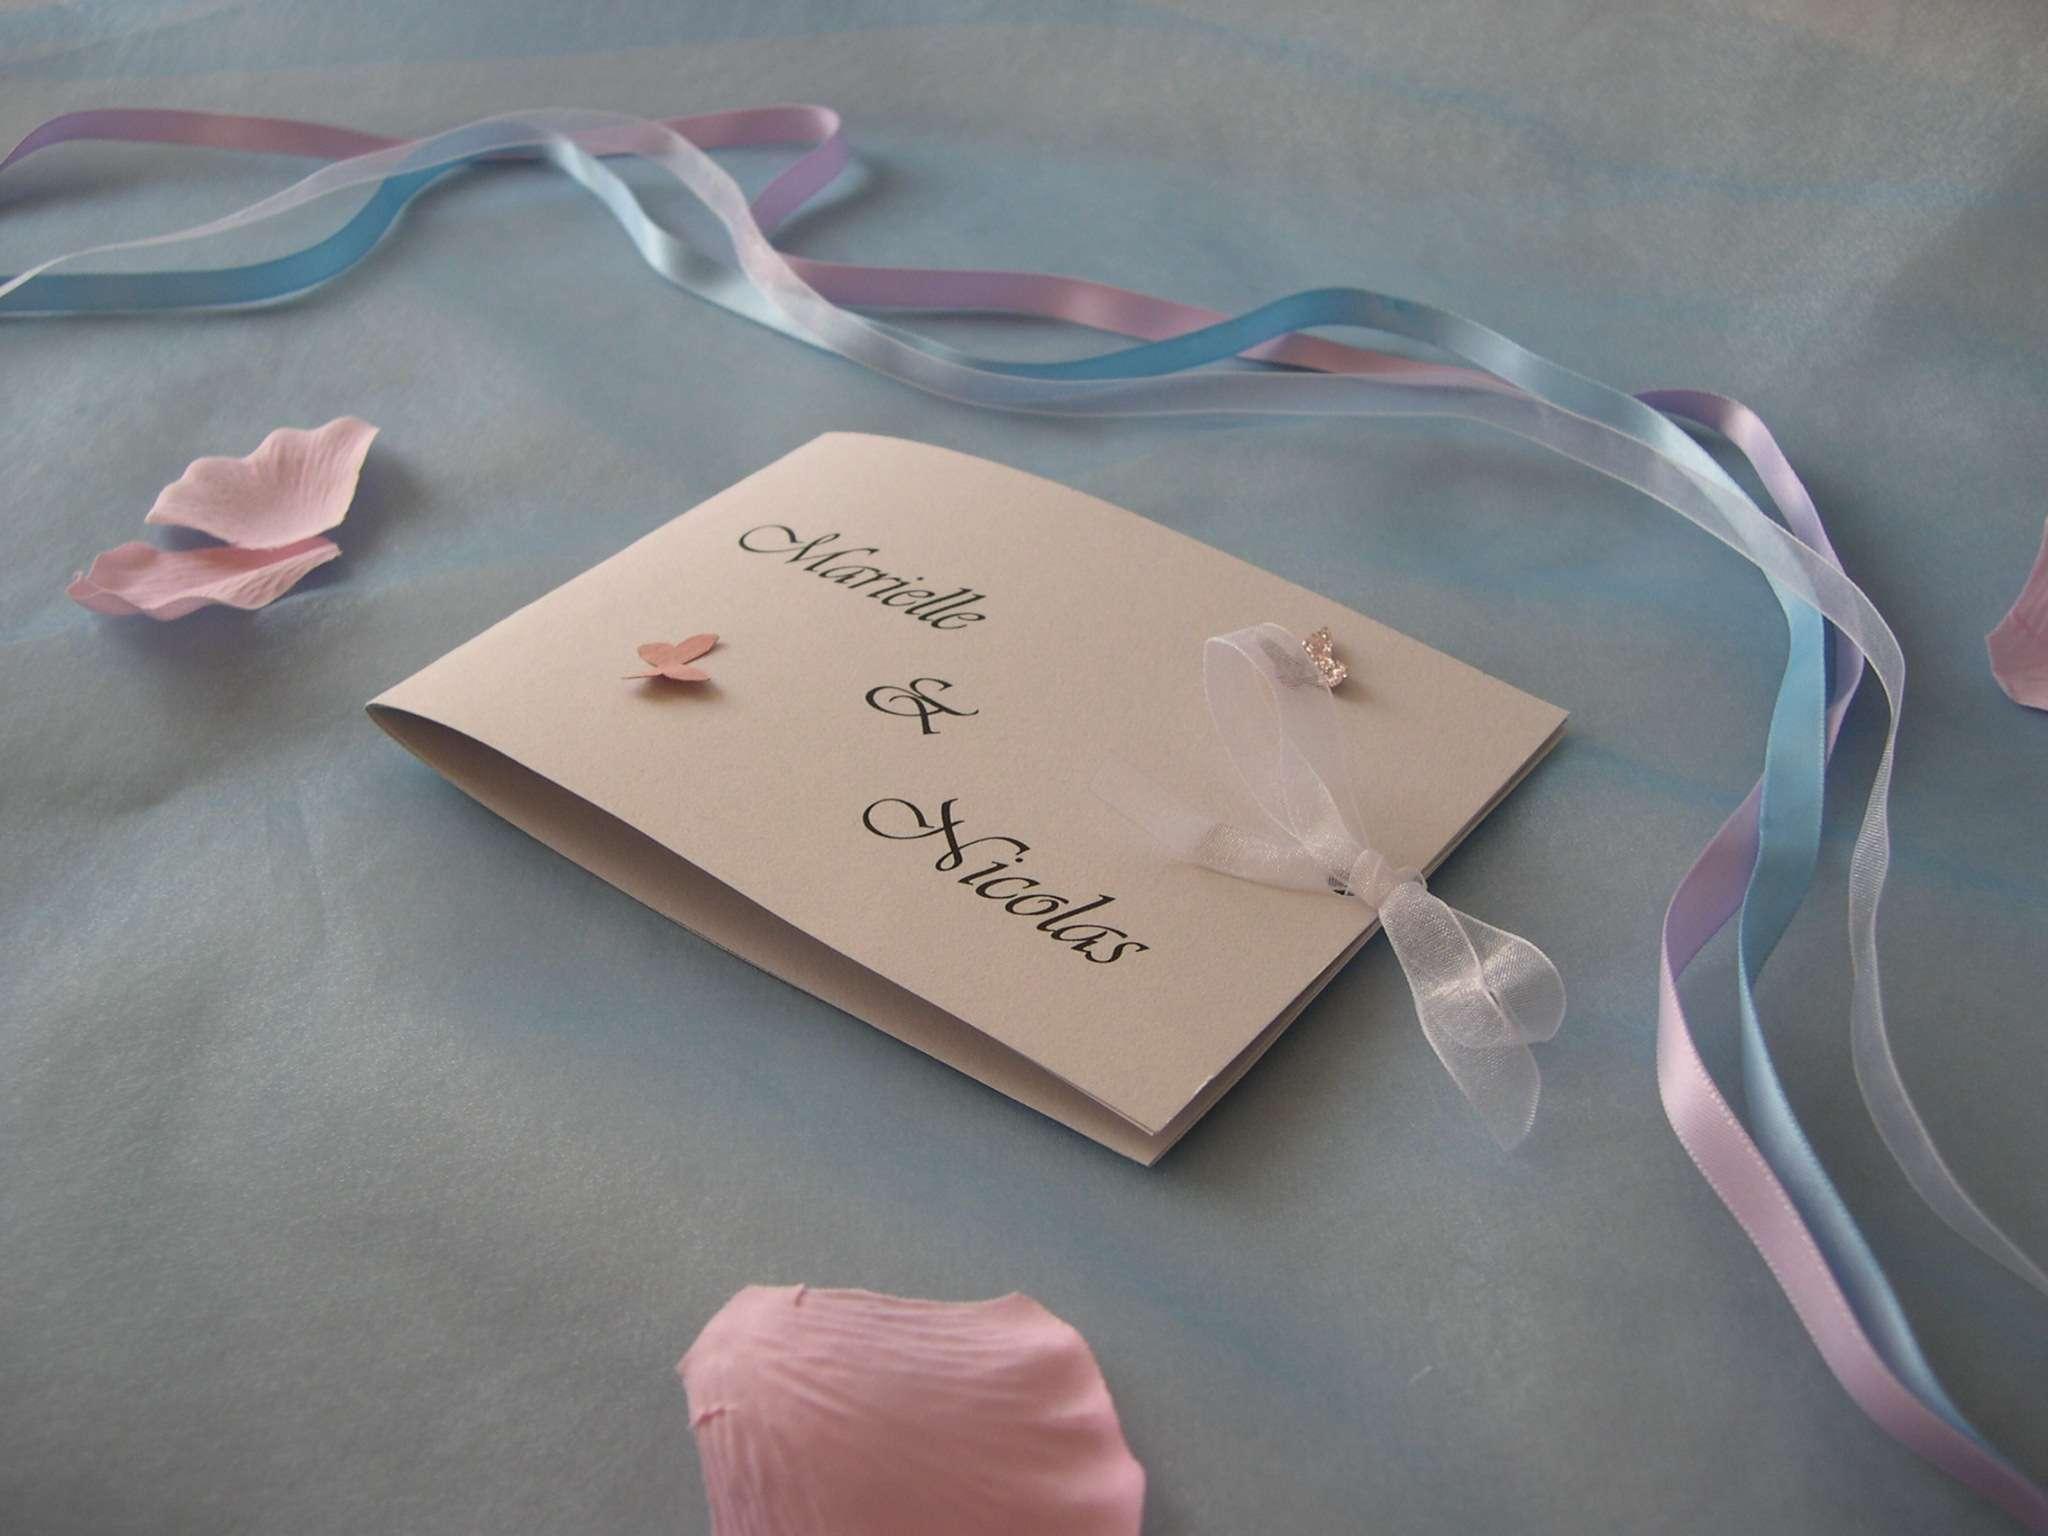 réalisation faire part invitation mariage thème papillons nature champêtre  loisirs créatifs bricolage faire soi même  fleur en relief